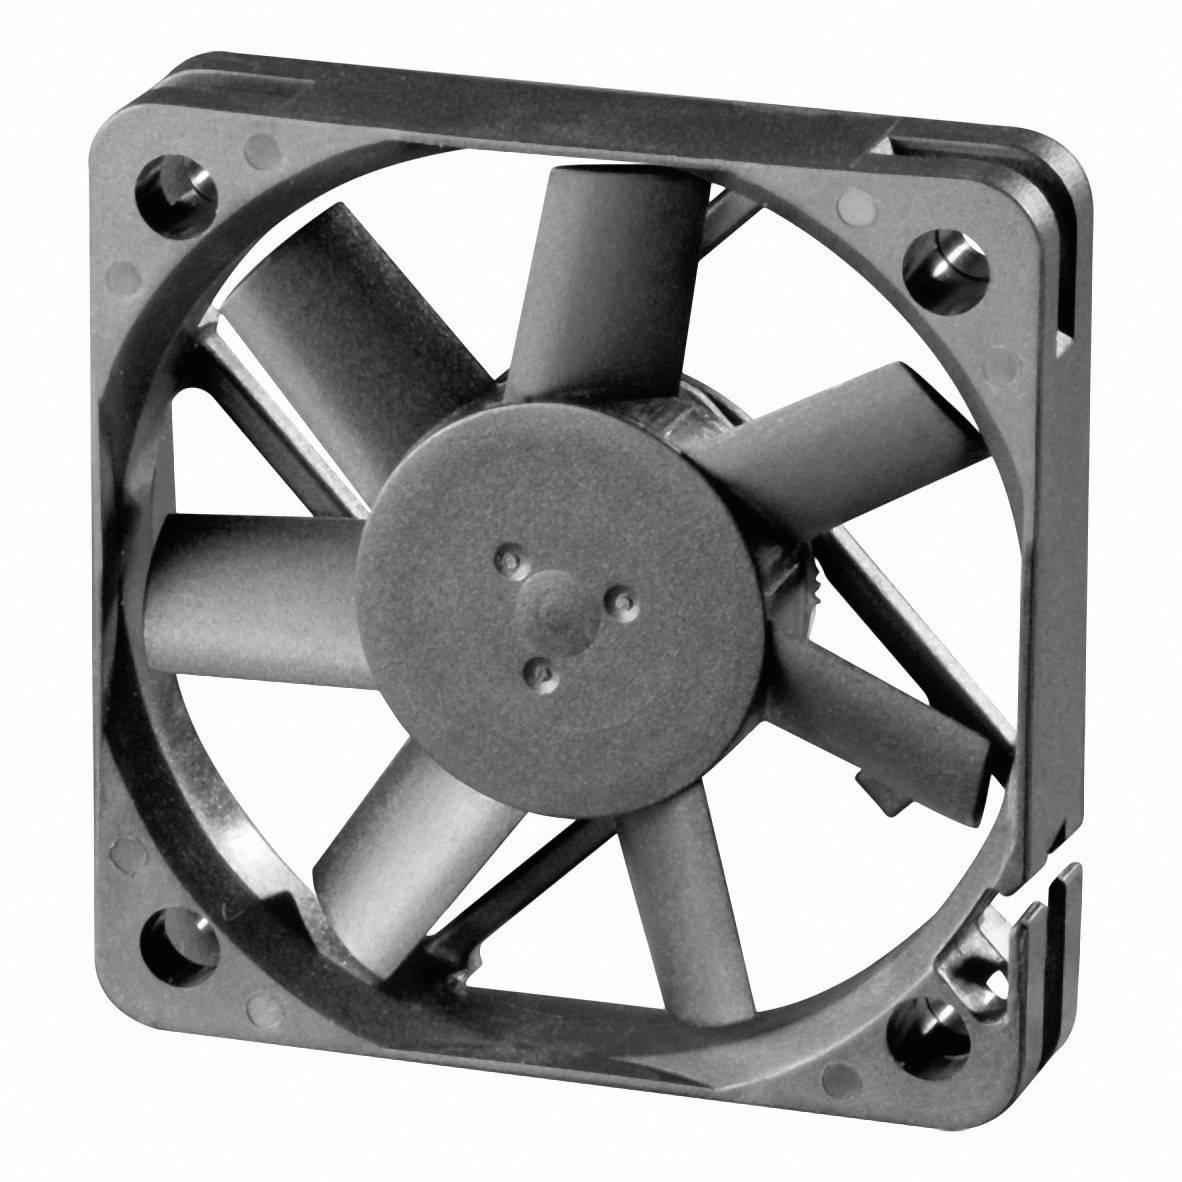 Axiálny ventilátor Sunon ME50101V1-000U-A99 ME50101V1-000U-A99, 12 V/DC, 31 dB, (d x š x v) 50 x 50 x 10 mm